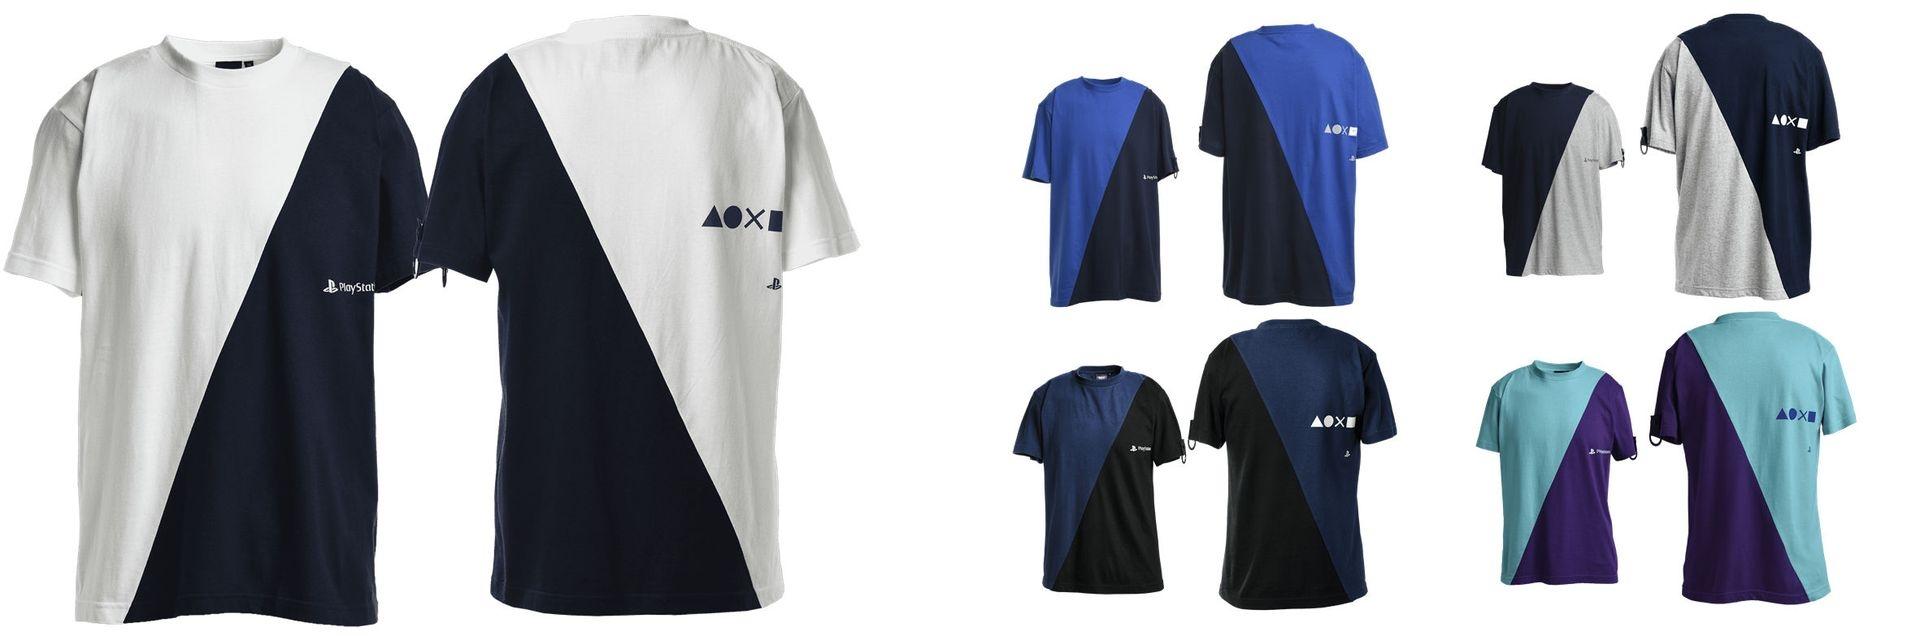 リメイク加工 TシャツA / PlayStation